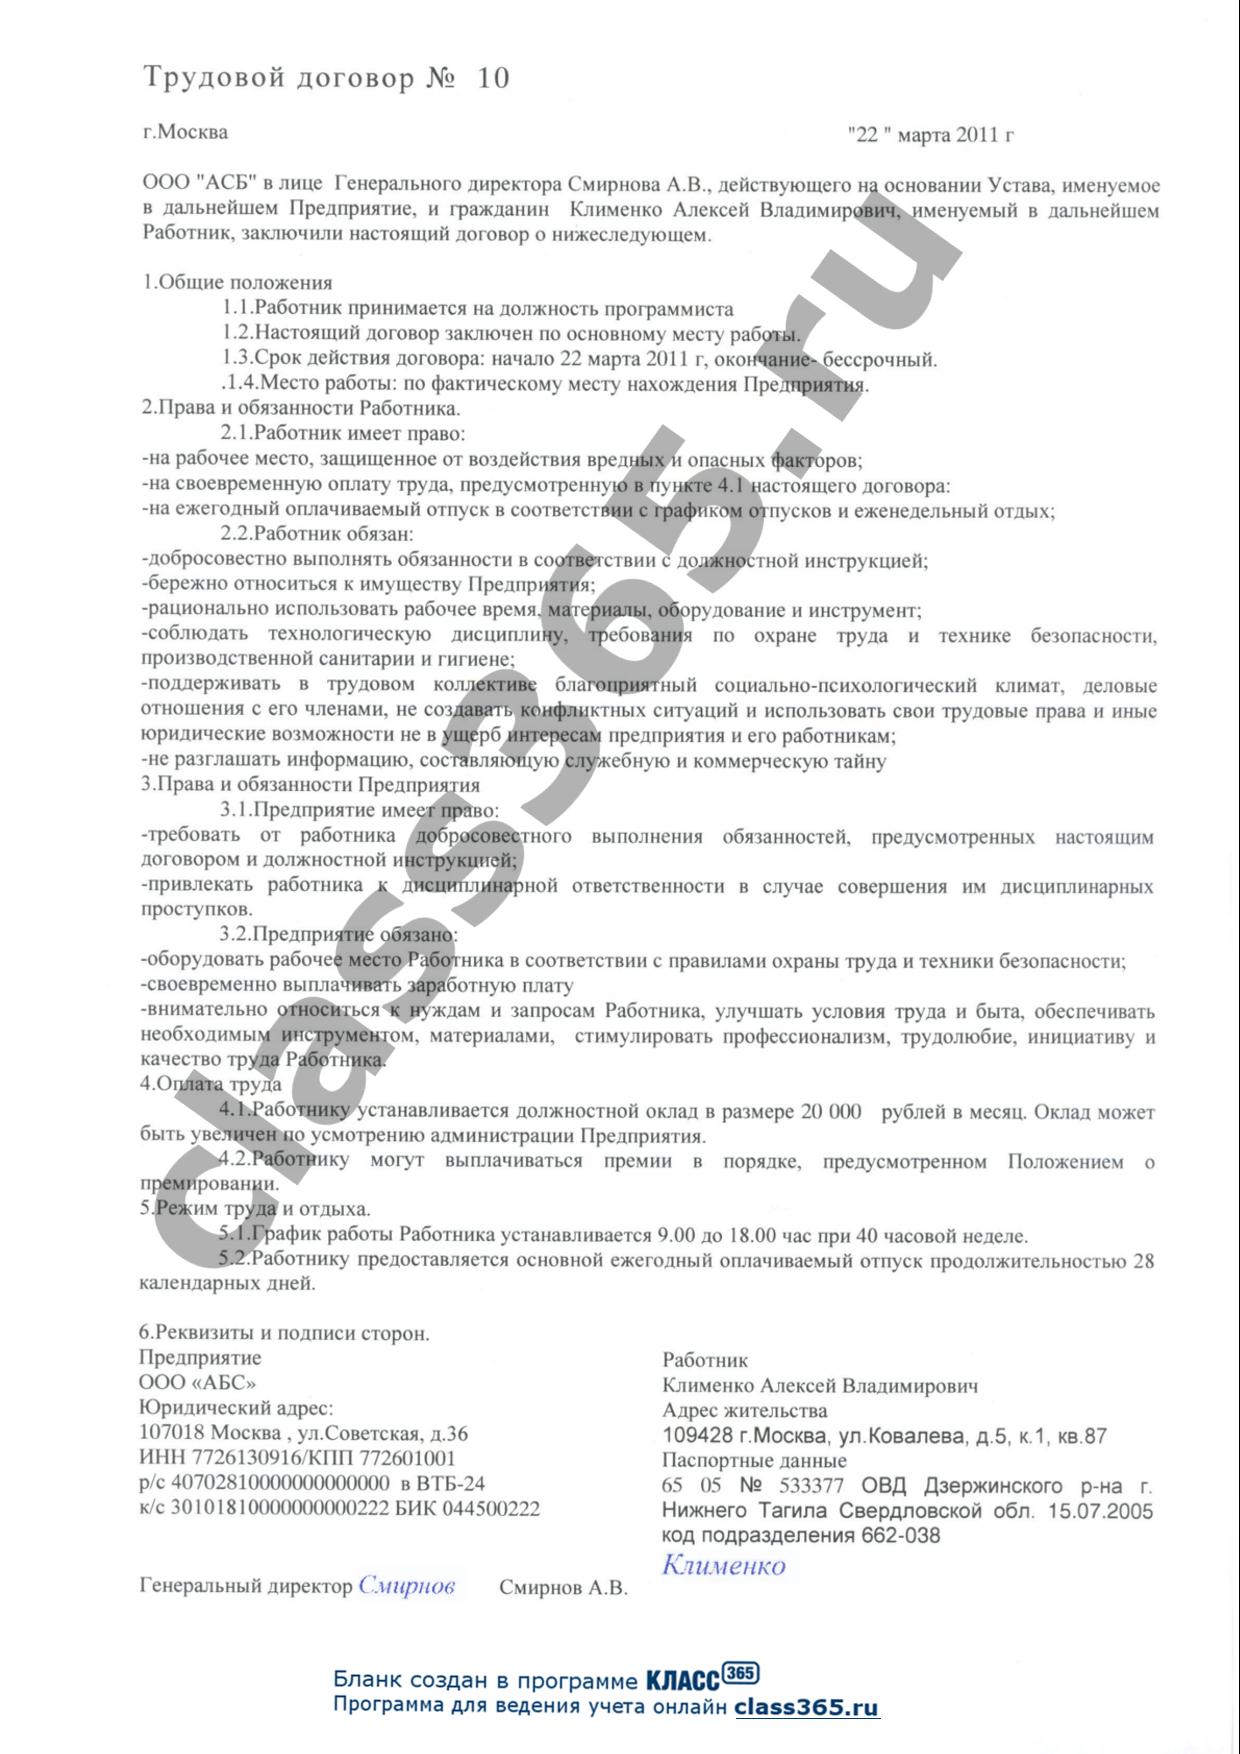 трудовой договор с работником заполненный бланк образец